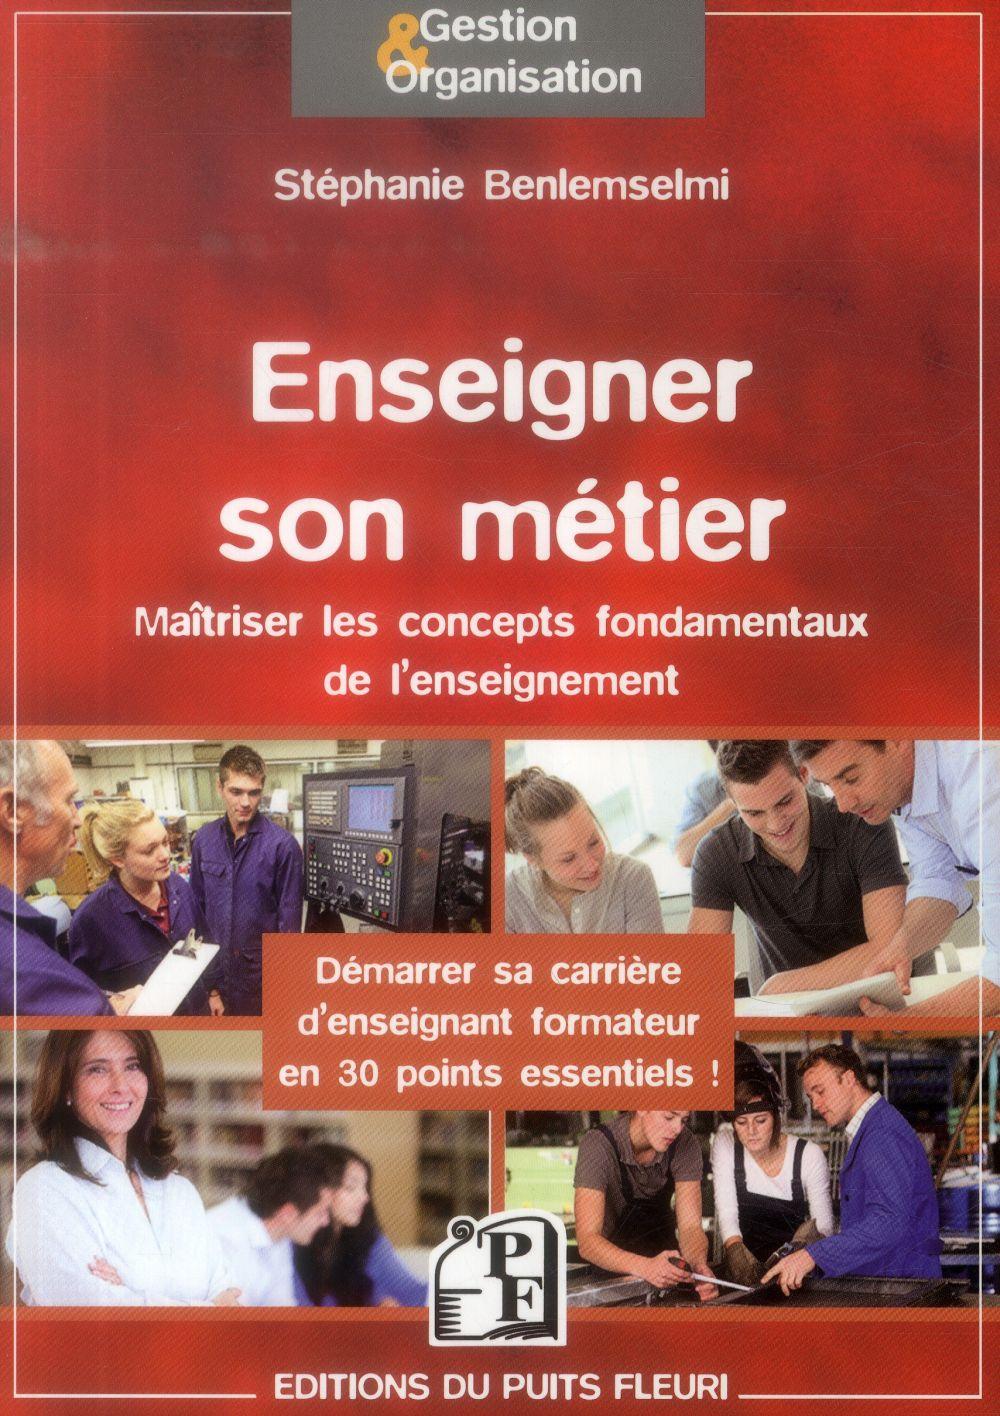 ENSEIGNER SON METIER DEMARRER SA CARRIERE D'ENSEIGNANT FORMATEUR EN 30 POINTS ESSENTIELS !